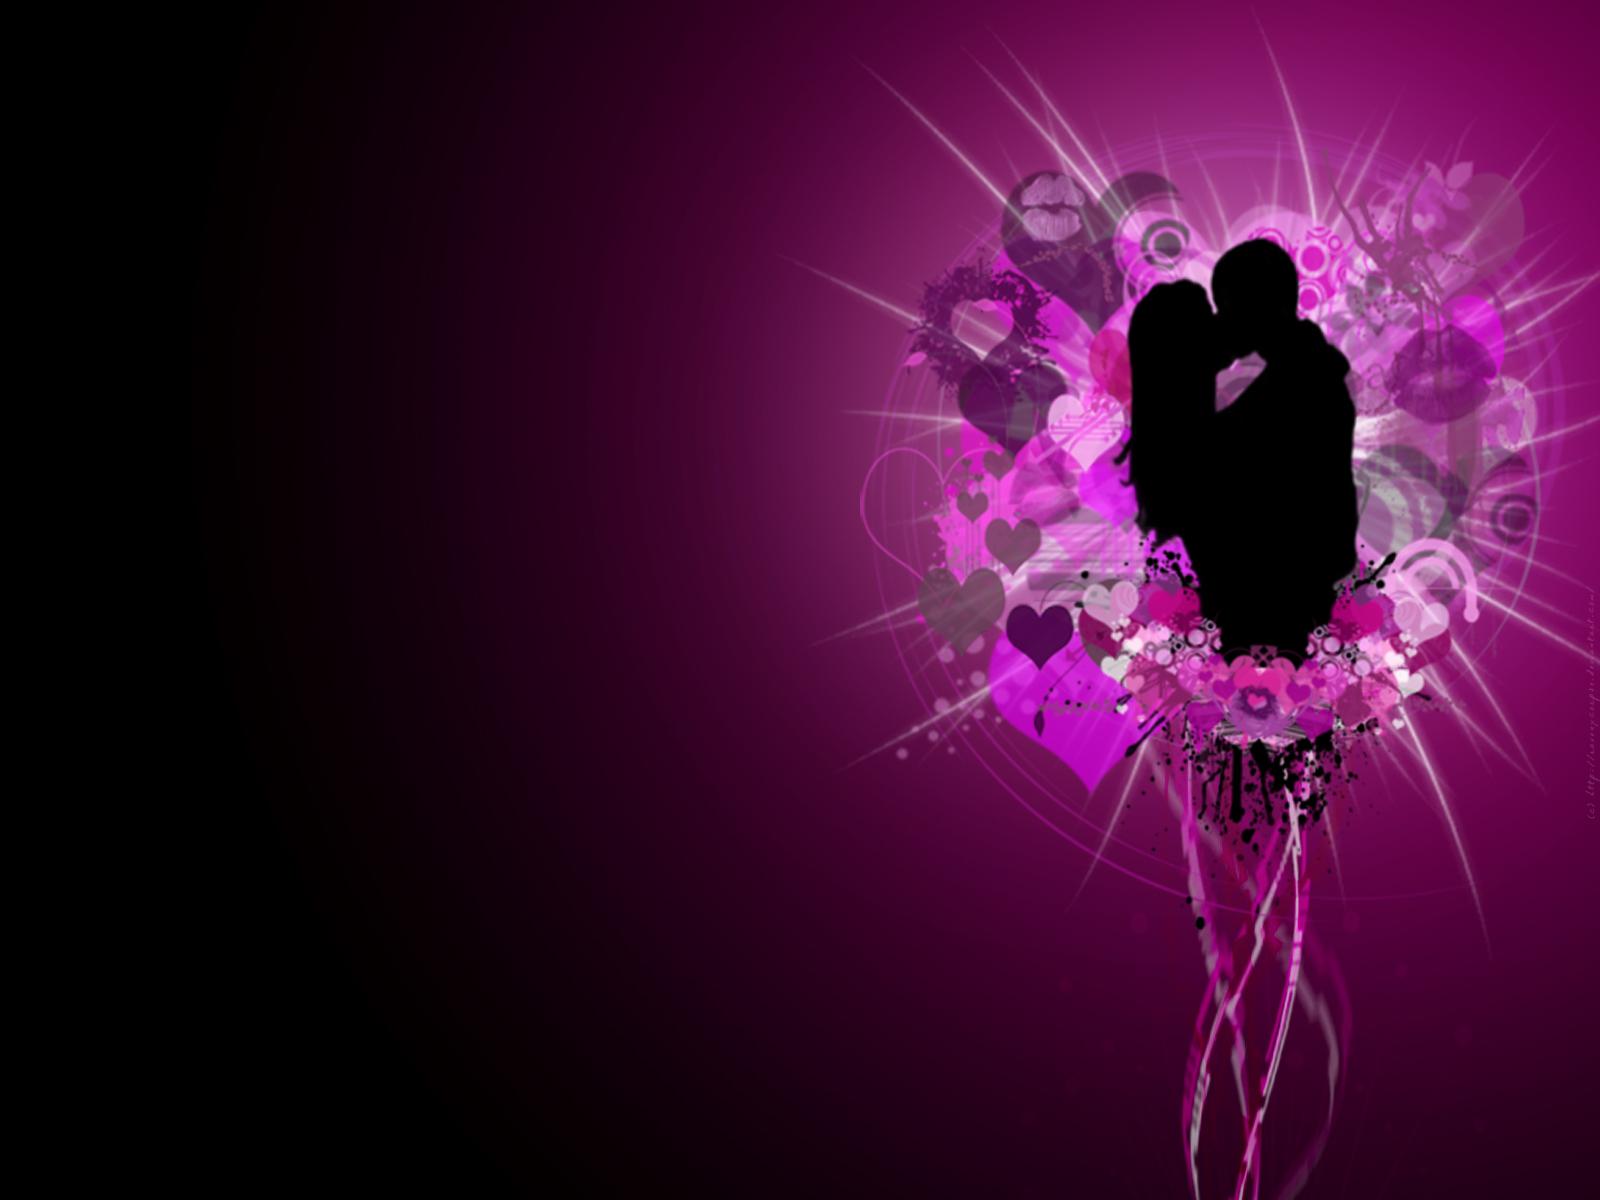 Top Beautiful Cute Romantic Love Couple Hd Wallpaper 1600x1200